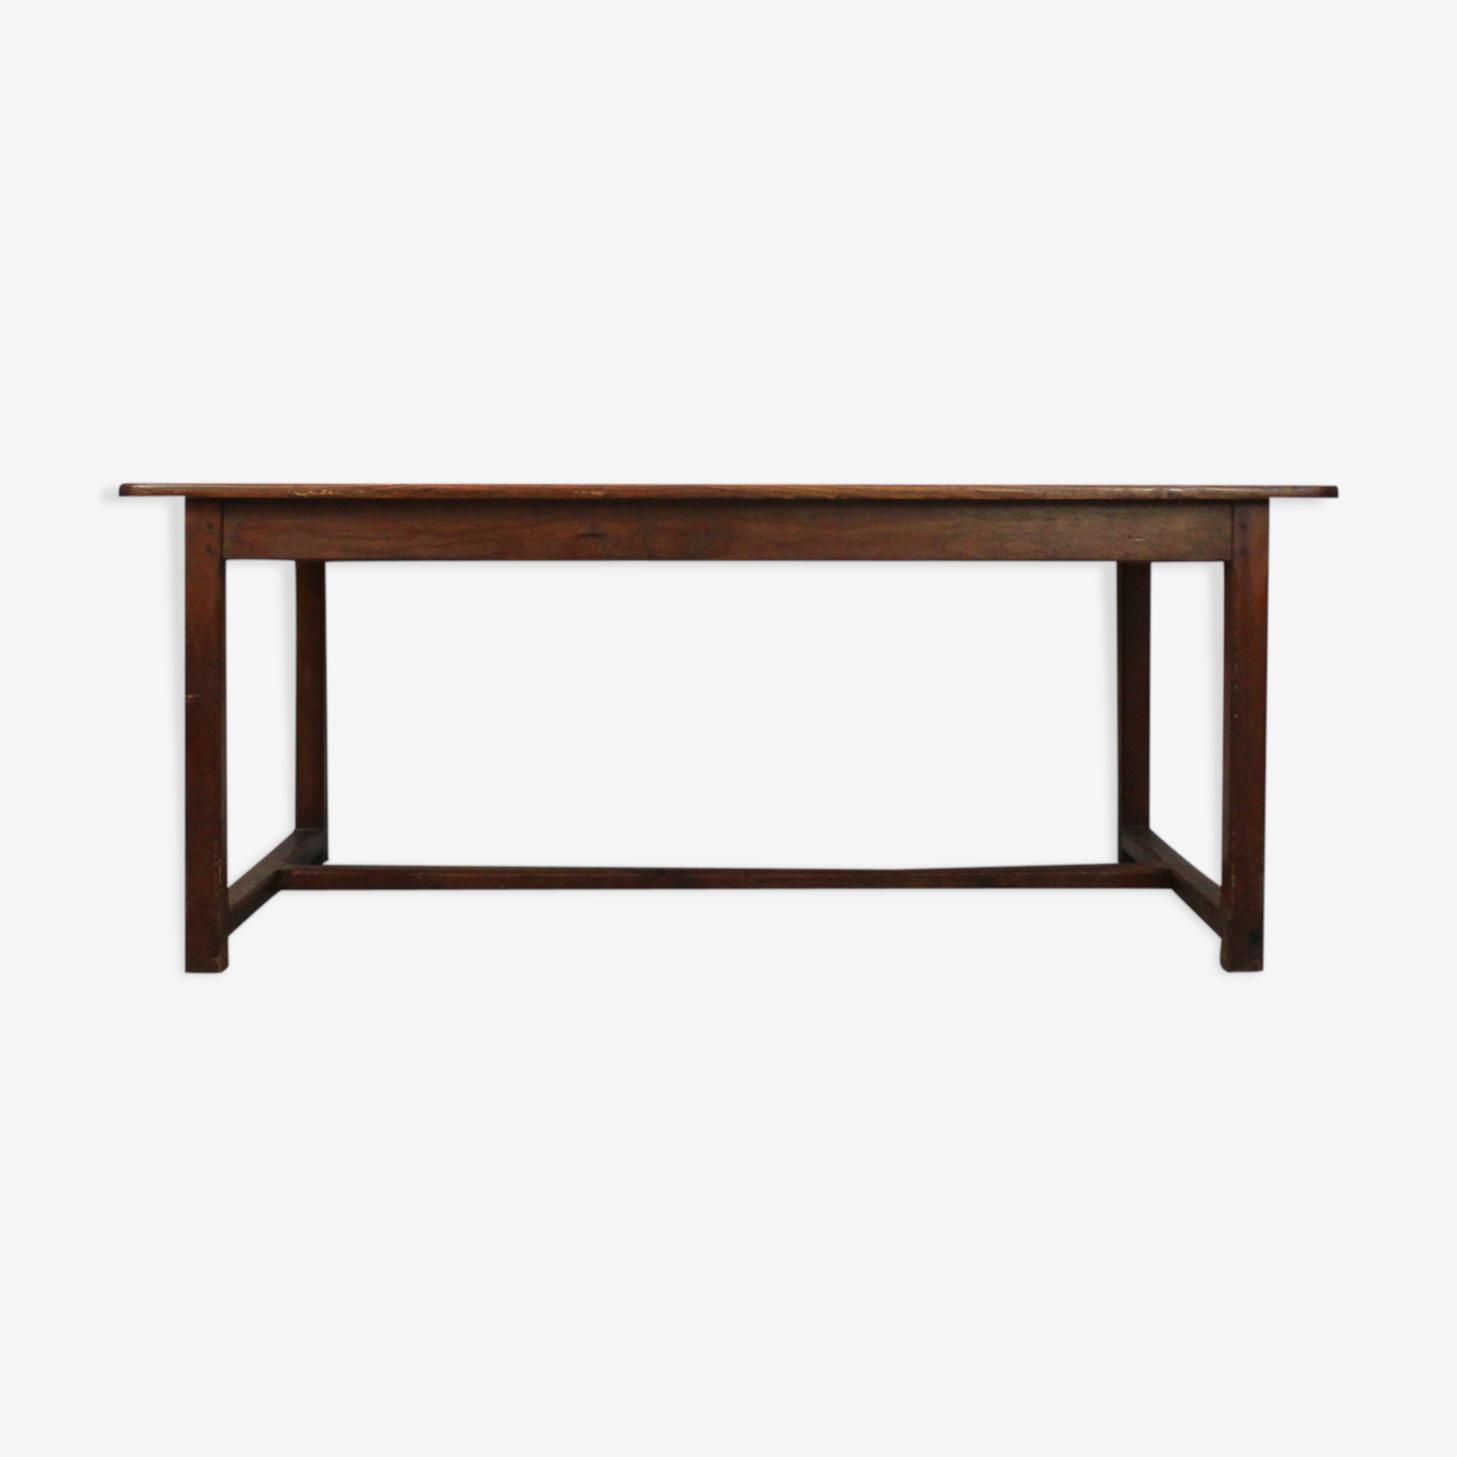 Table en bois des années 1940